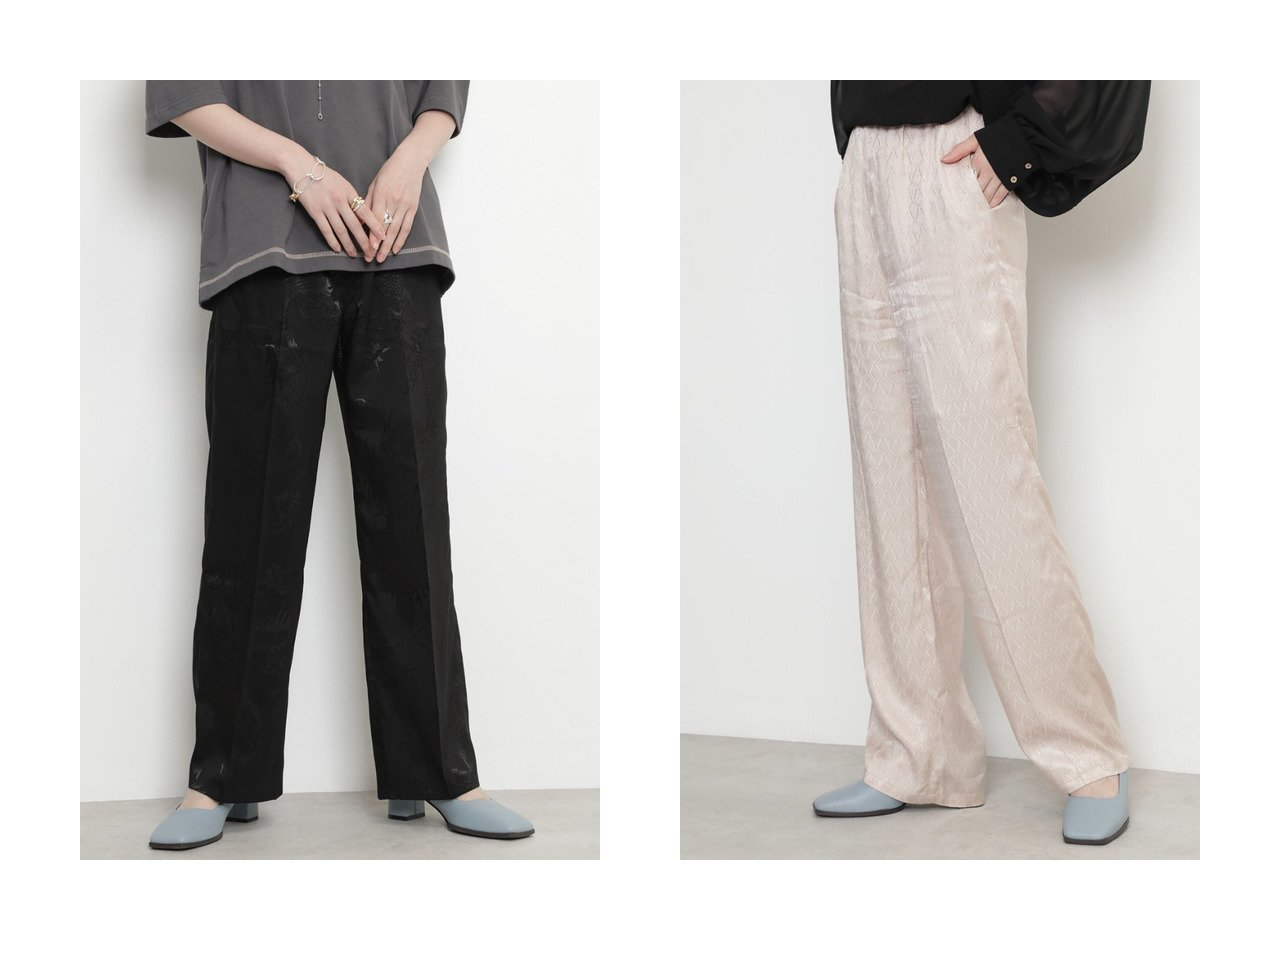 【ROSE BUD/ローズバッド】のアソートプリントパンツ 【パンツ】おすすめ!人気、トレンド・レディースファッションの通販 おすすめで人気の流行・トレンド、ファッションの通販商品 インテリア・家具・メンズファッション・キッズファッション・レディースファッション・服の通販 founy(ファニー) https://founy.com/ ファッション Fashion レディースファッション WOMEN パンツ Pants 2020年 2020 2020-2021秋冬・A/W AW・Autumn/Winter・FW・Fall-Winter/2020-2021 2021年 2021 2021-2022秋冬・A/W AW・Autumn/Winter・FW・Fall-Winter・2021-2022 A/W・秋冬 AW・Autumn/Winter・FW・Fall-Winter スキッパー ストレート ポケット モチーフ  ID:crp329100000058584